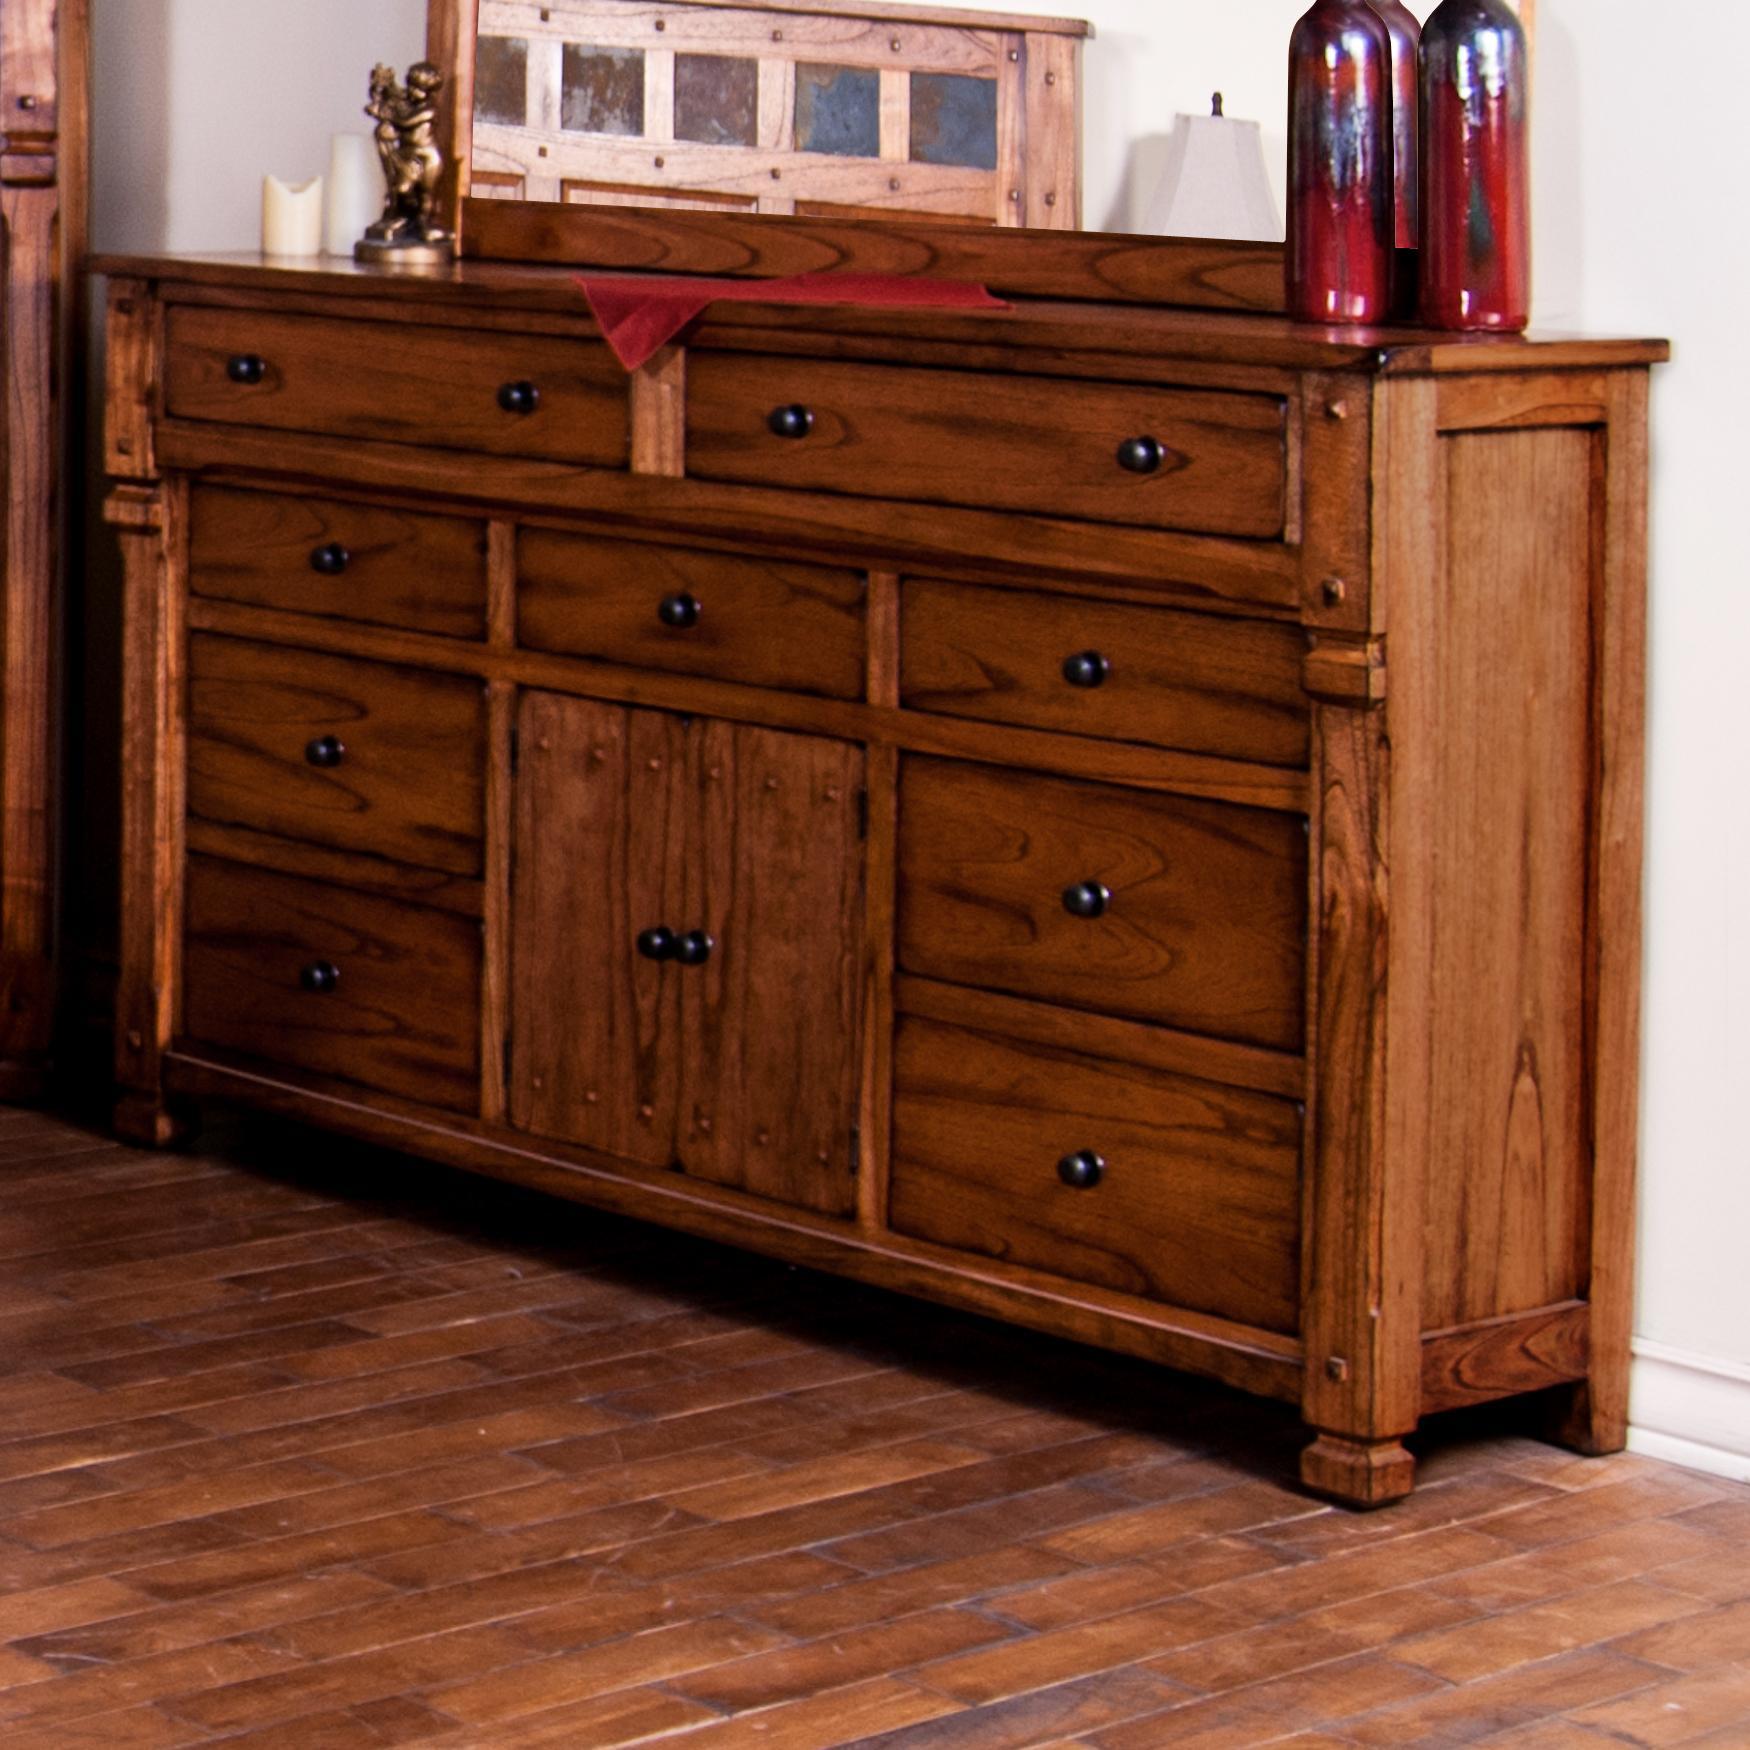 Morris Home Sadler Dresser by Sunny Designs at Morris Home